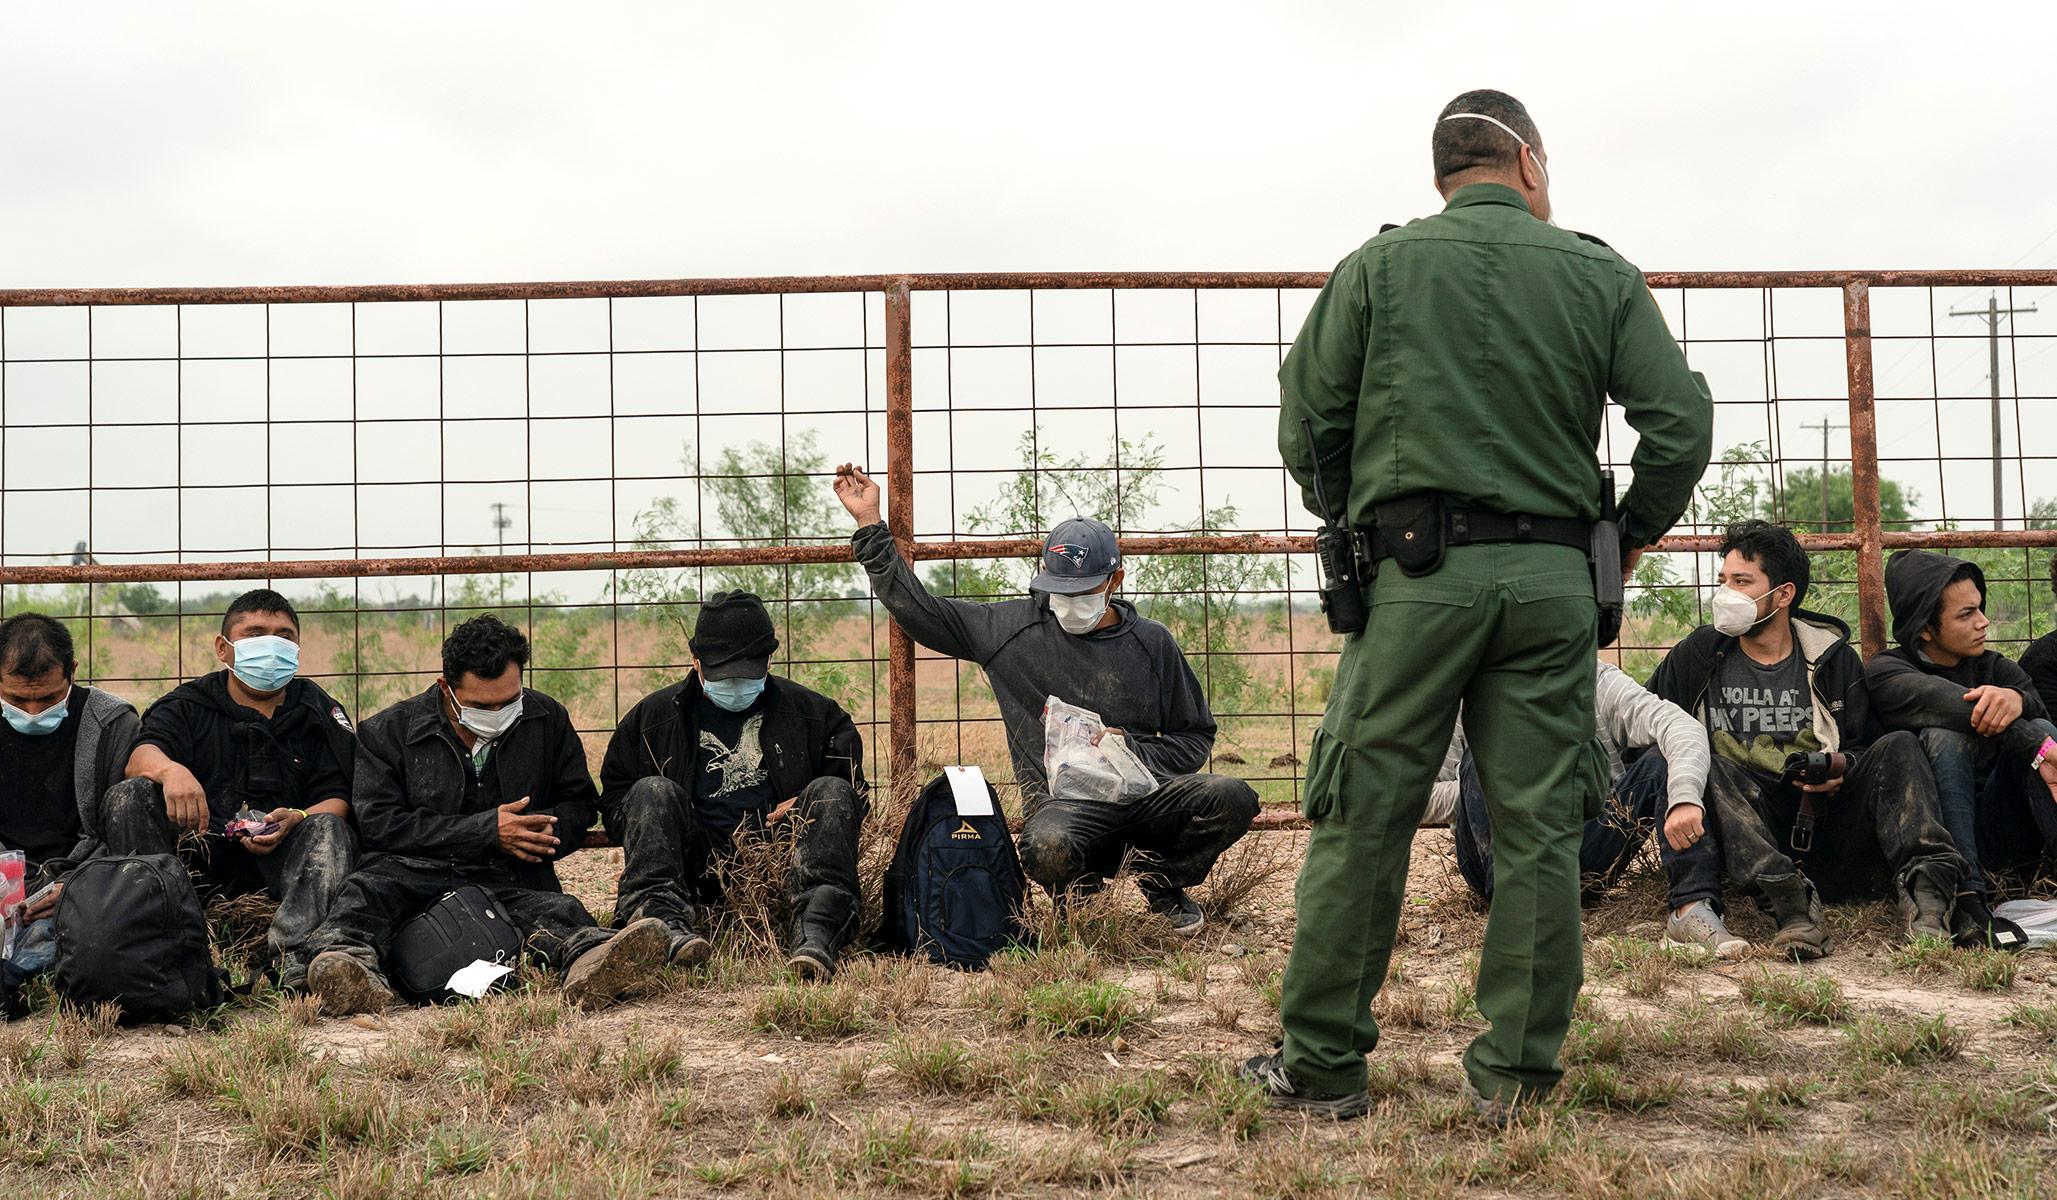 DOJ Sues Texas over Executive Order Restricting Transportation of Migrants